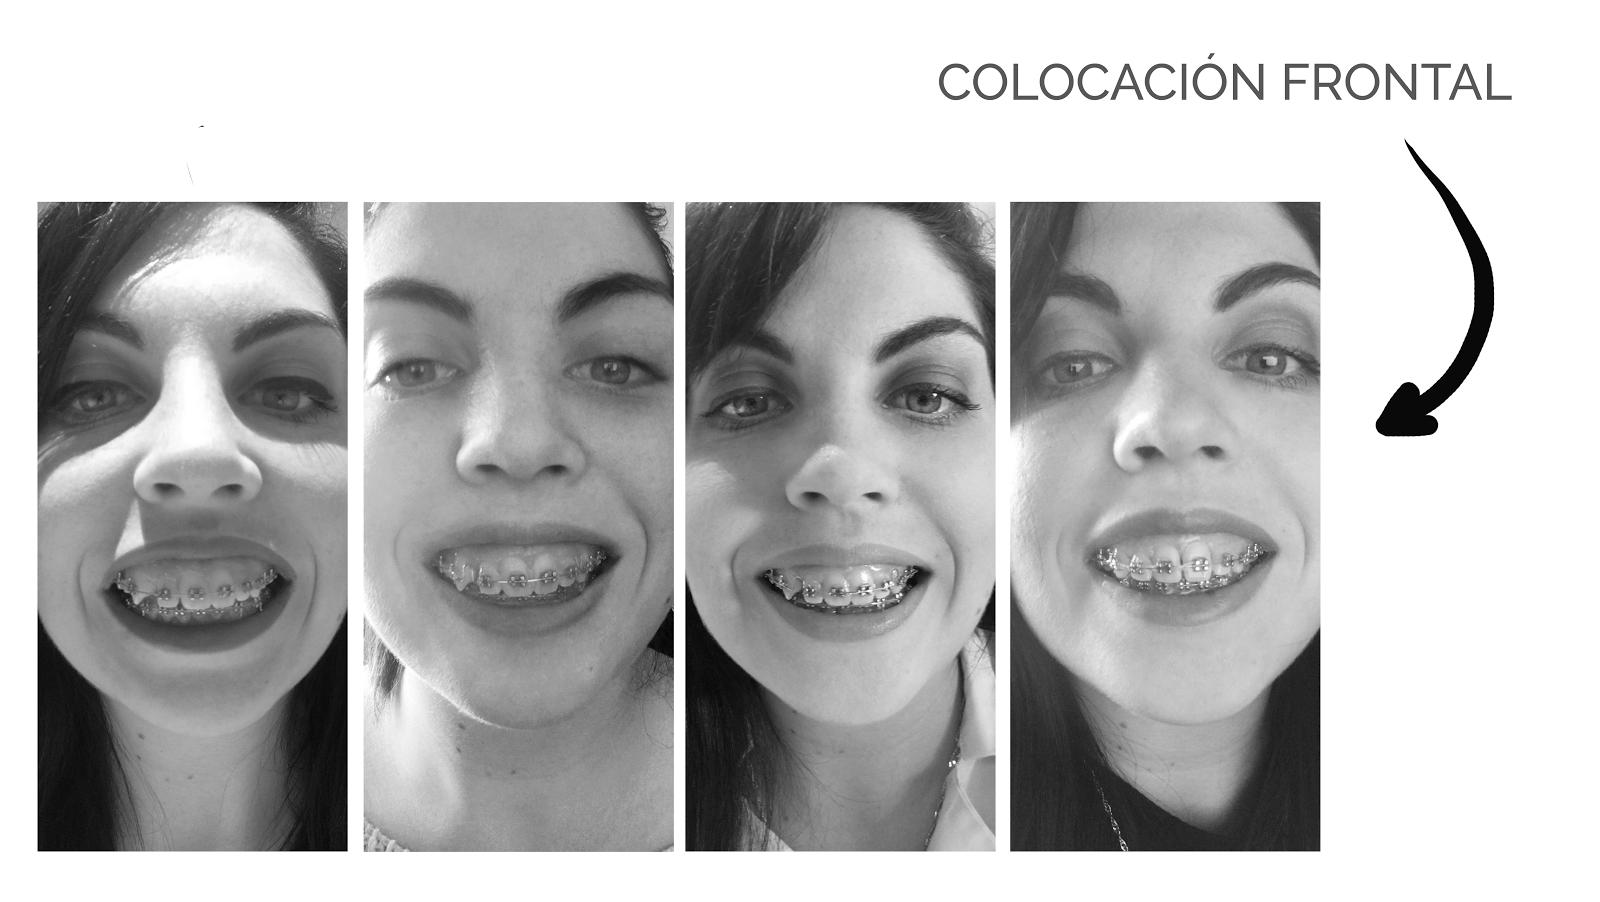 Evolución y resultado de 4 años de ortodoncia